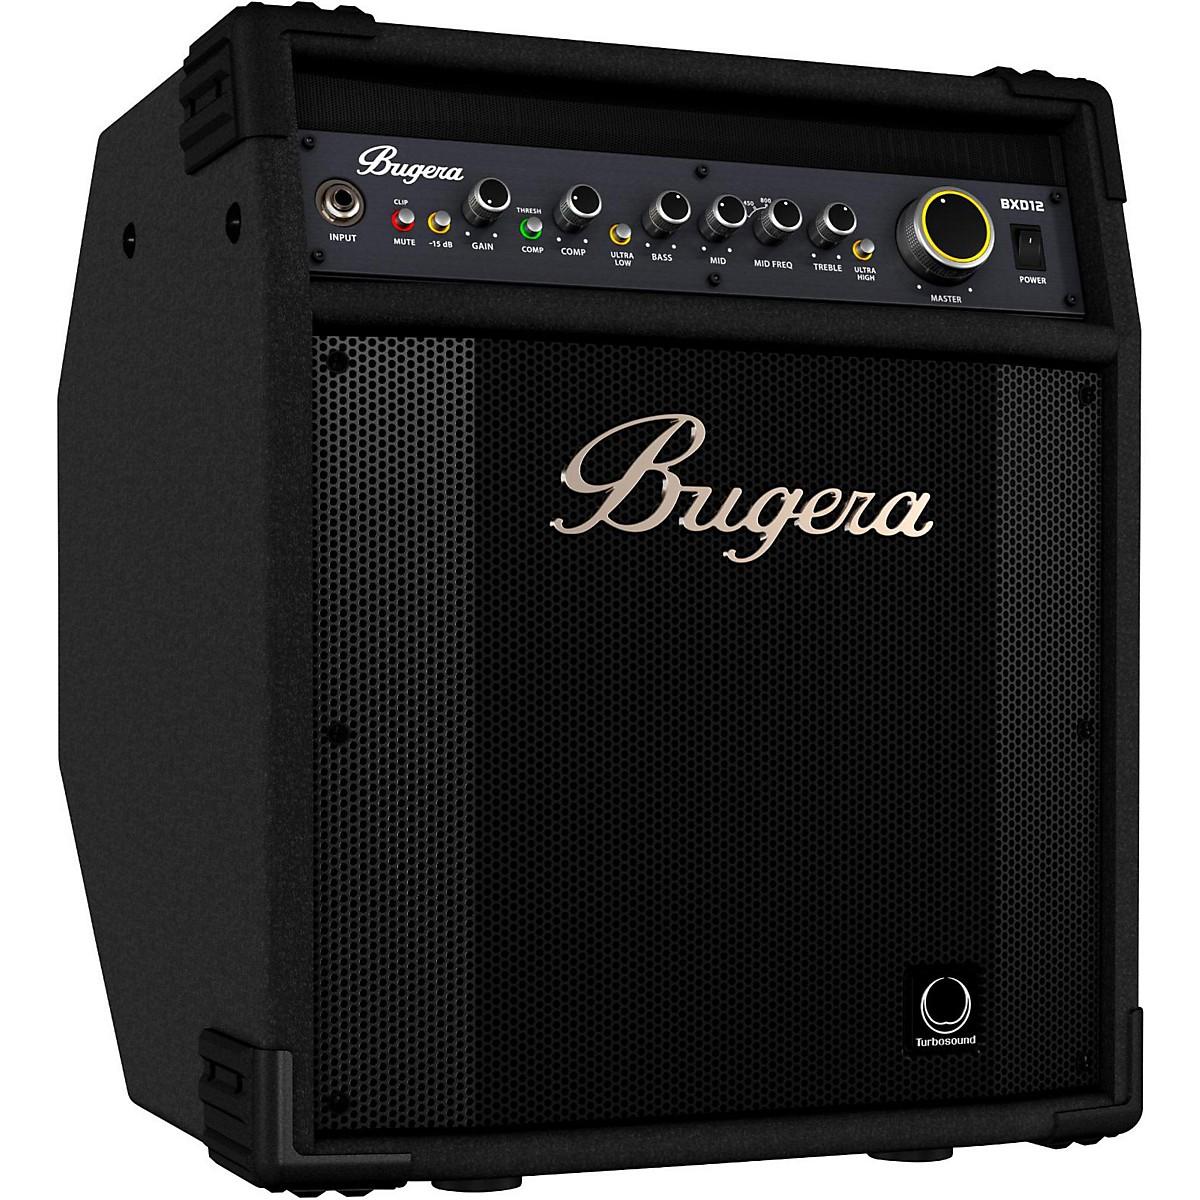 Bugera BXD12 1,000W 1x12 Bass Combo Amplifier